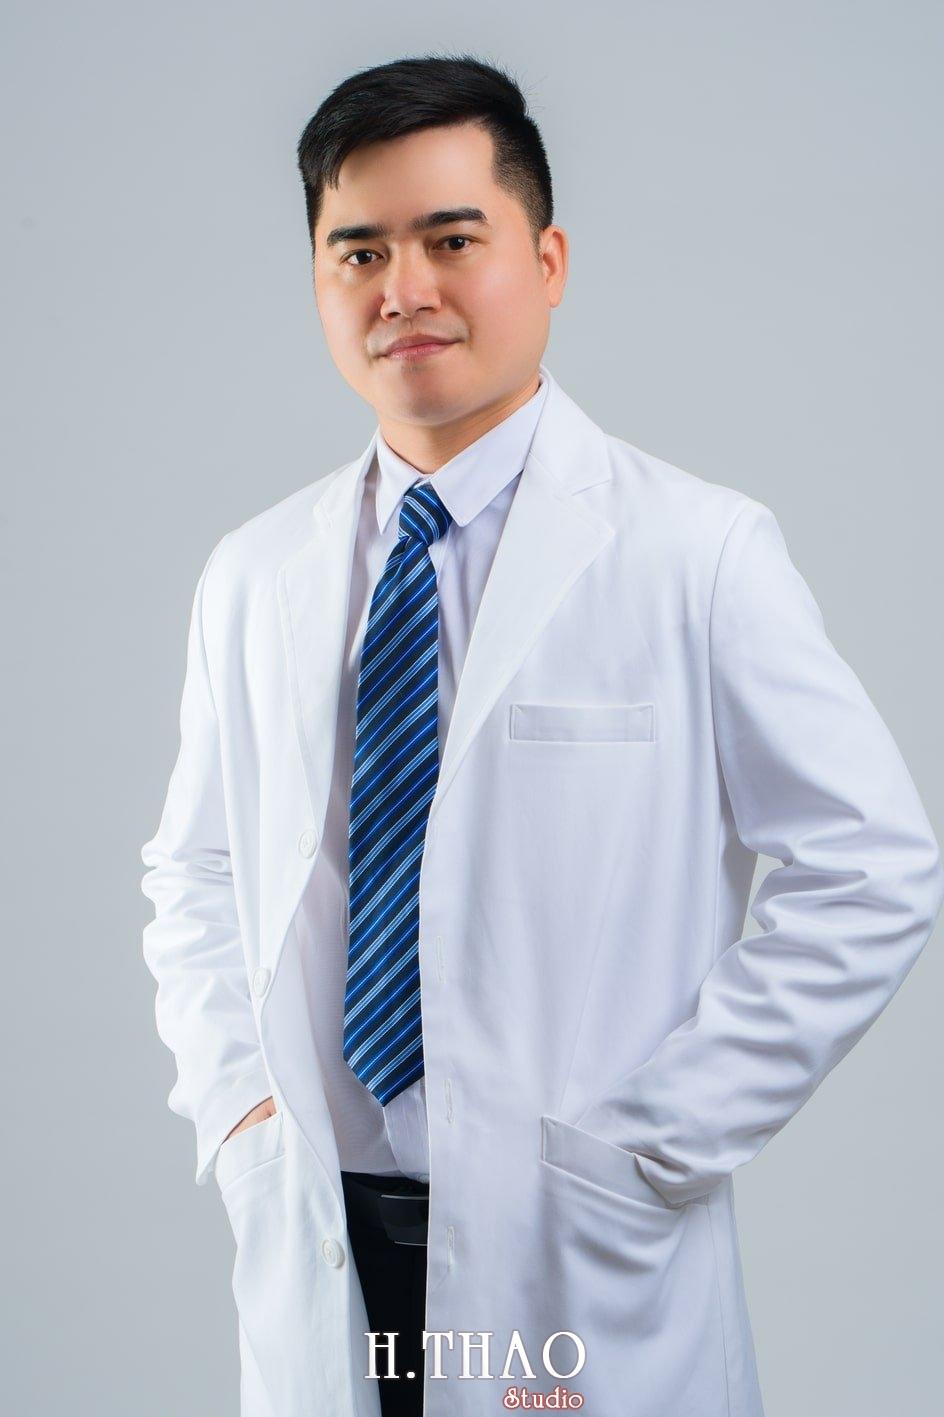 Anh Doanh nhan 51 - 5 concept chụp ảnh doanh nhân sang trọng nhất hiện nay - HThao Studio